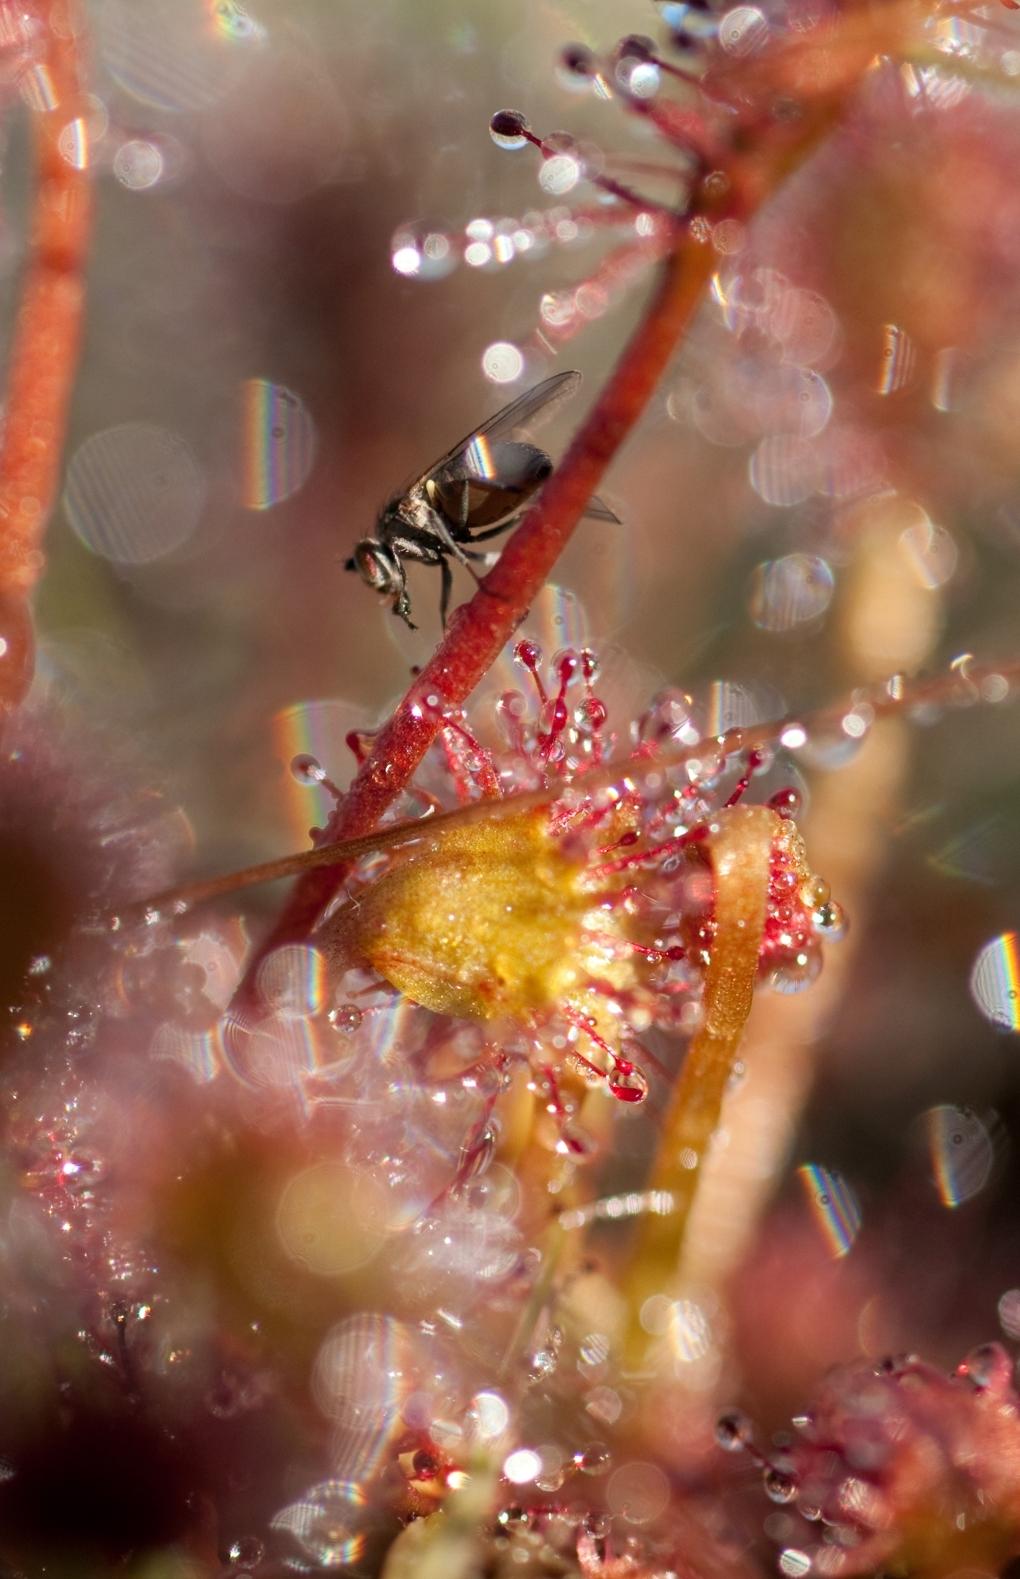 Slachtoffer - Deze vlieg is het slachtoffer van de kleef stof op de zonnedauw - foto door jvos1972 op 04-06-2011 - deze foto bevat: vlieg, zonnedauw